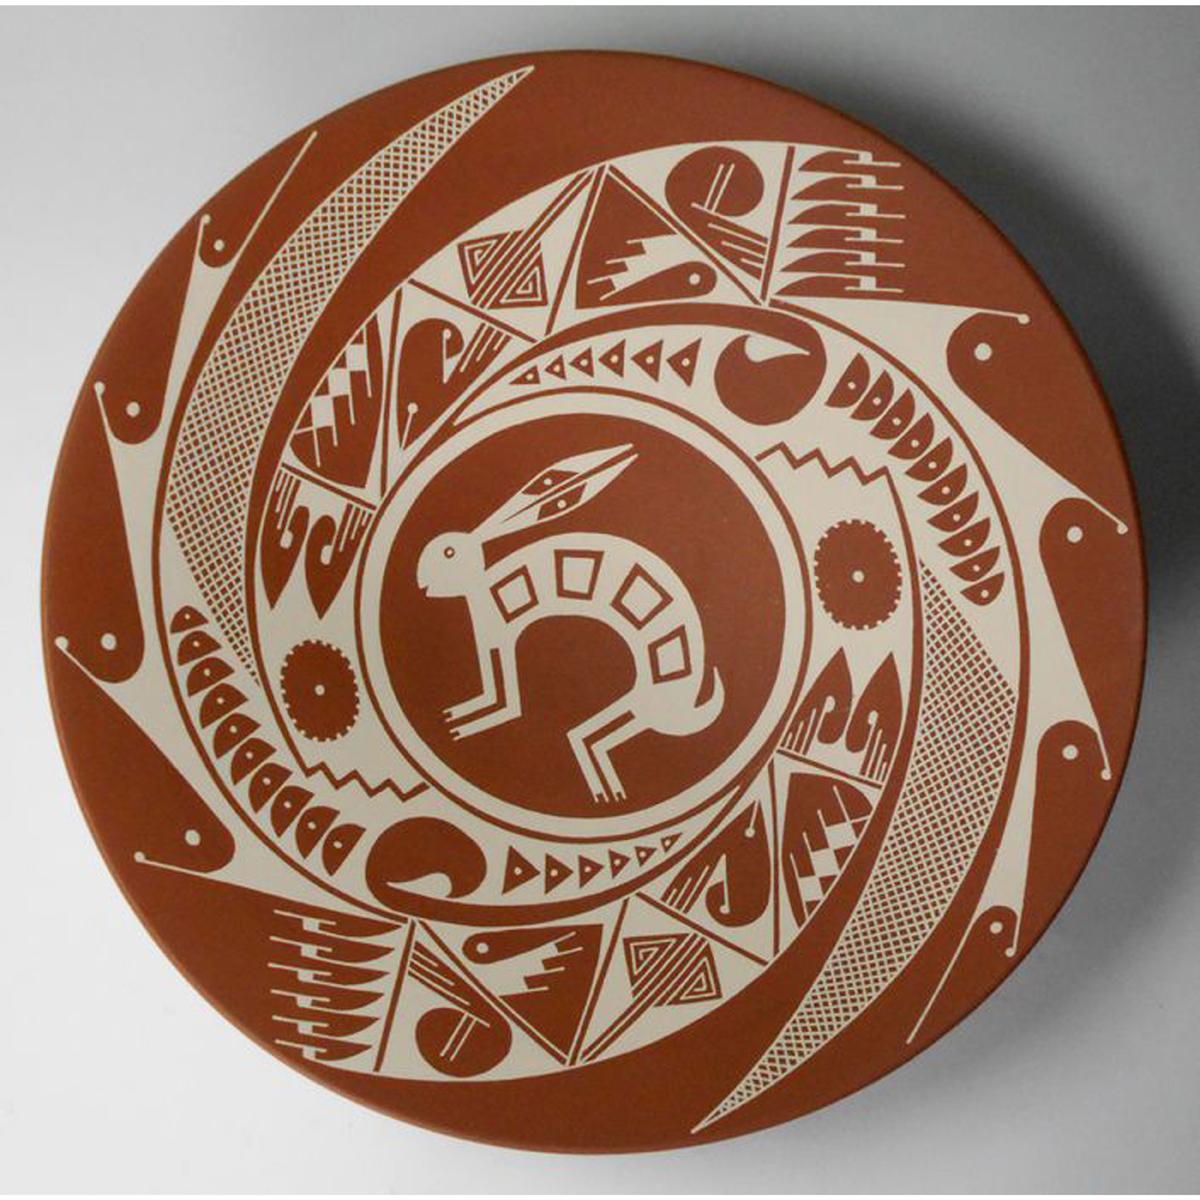 Mata Ortiz Pottery by Ramiro Veloz